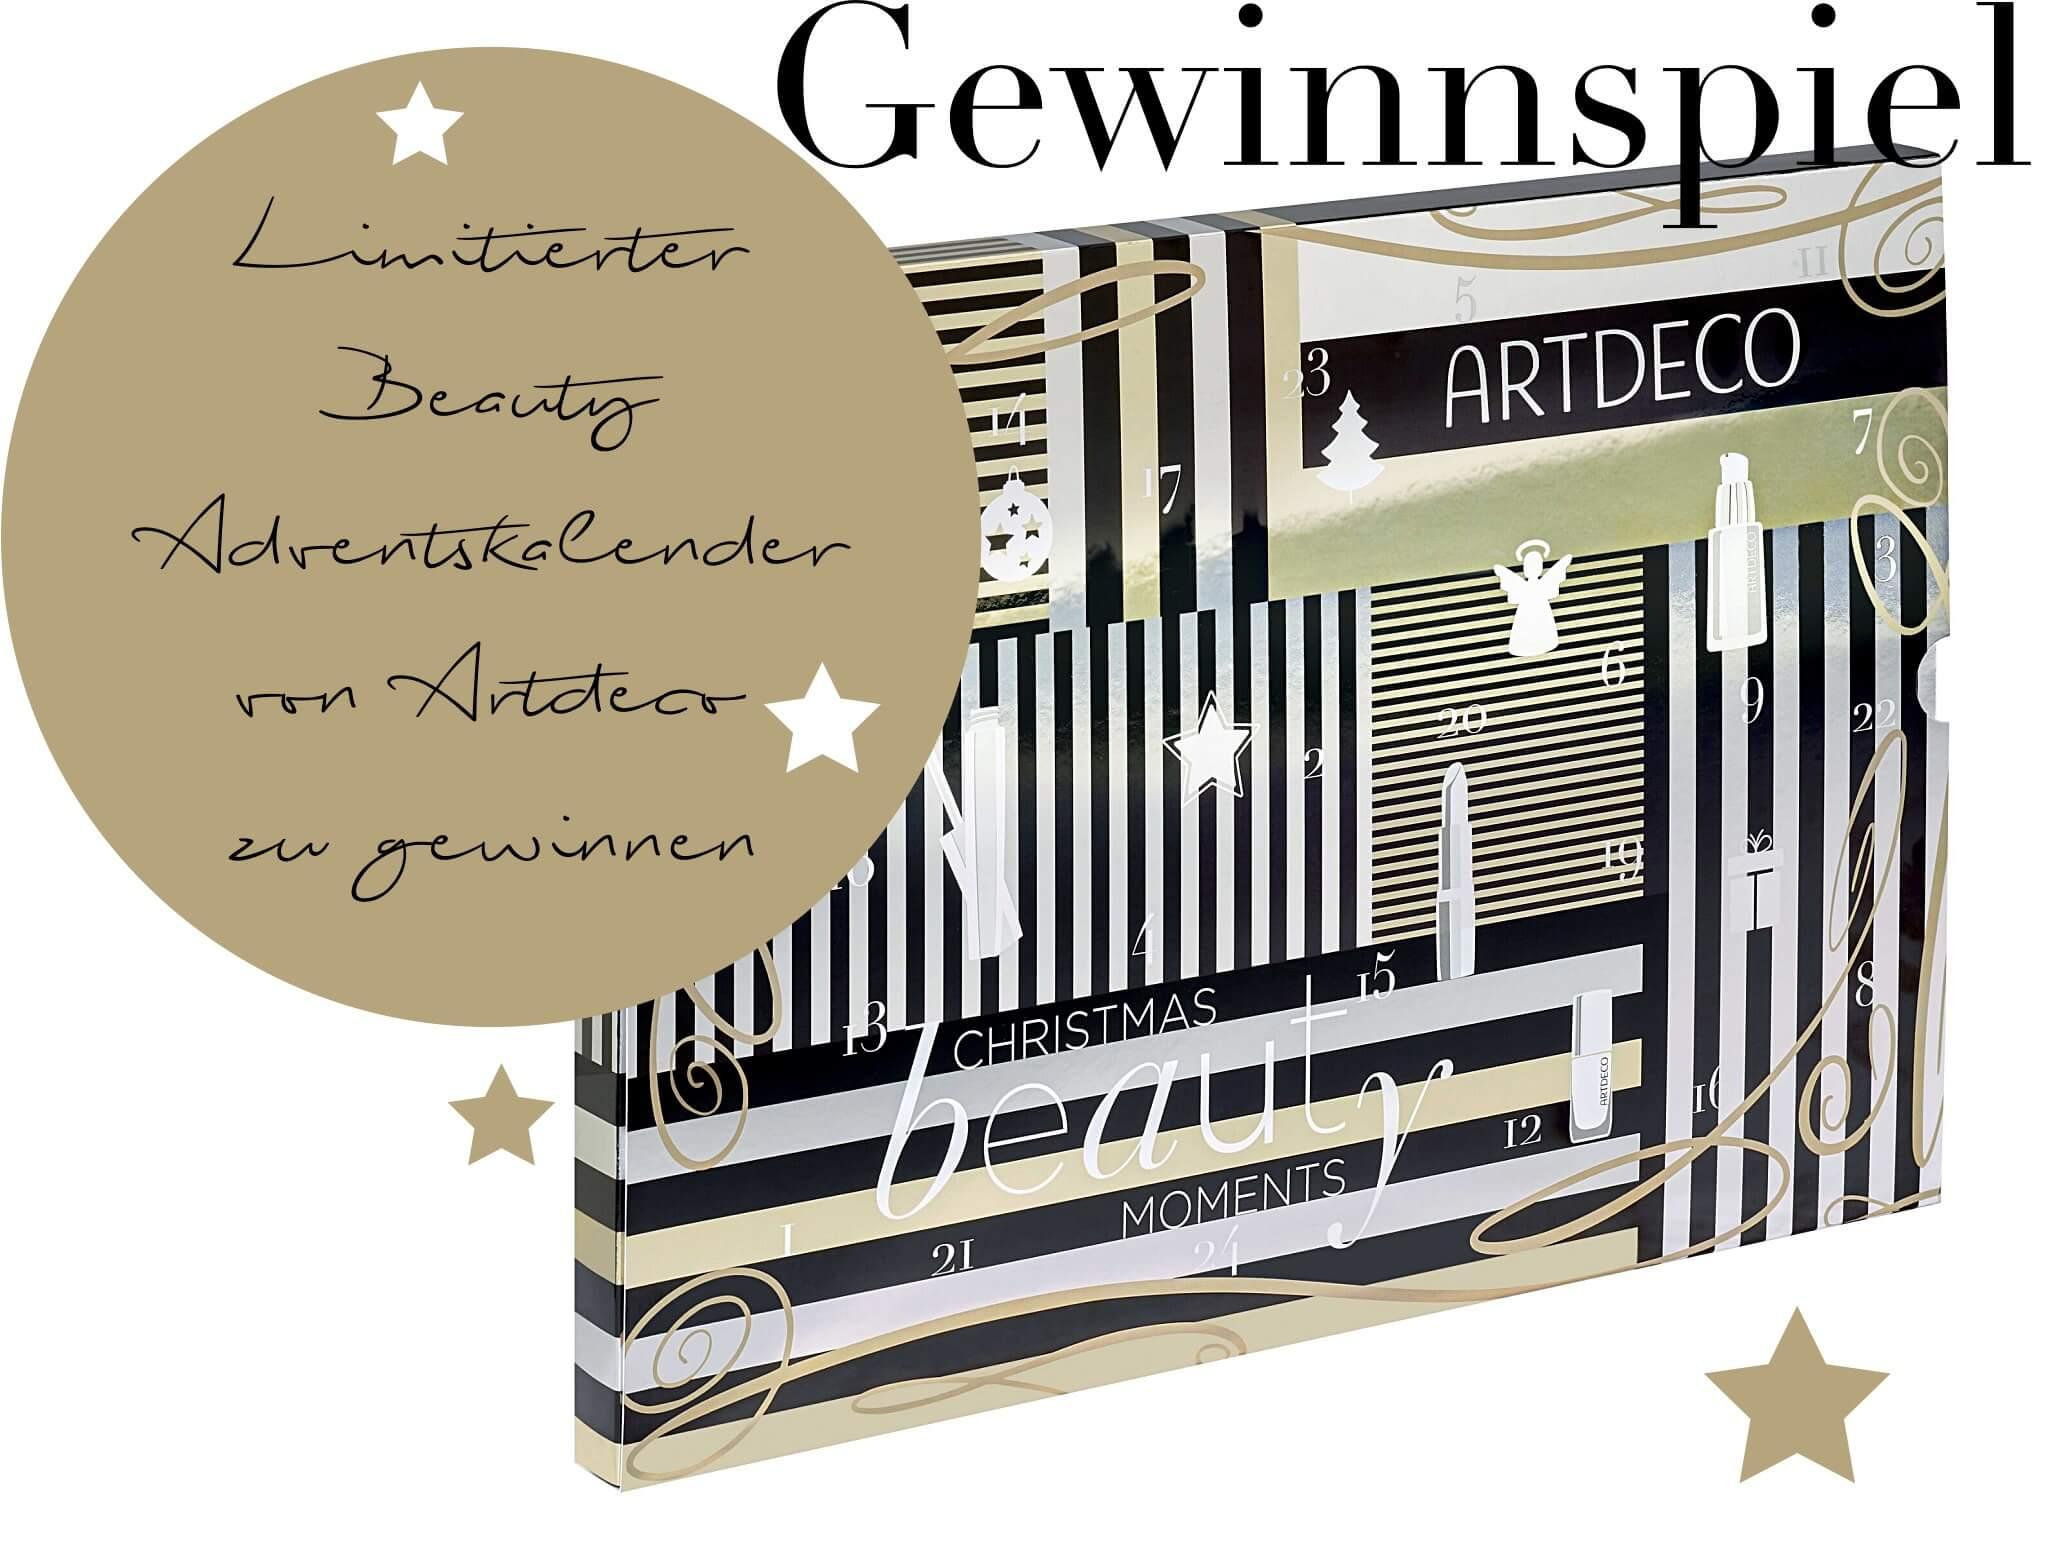 Gewinnspiel - Limitierter Beauty Adventskalender von Artdeco zu gewinnen